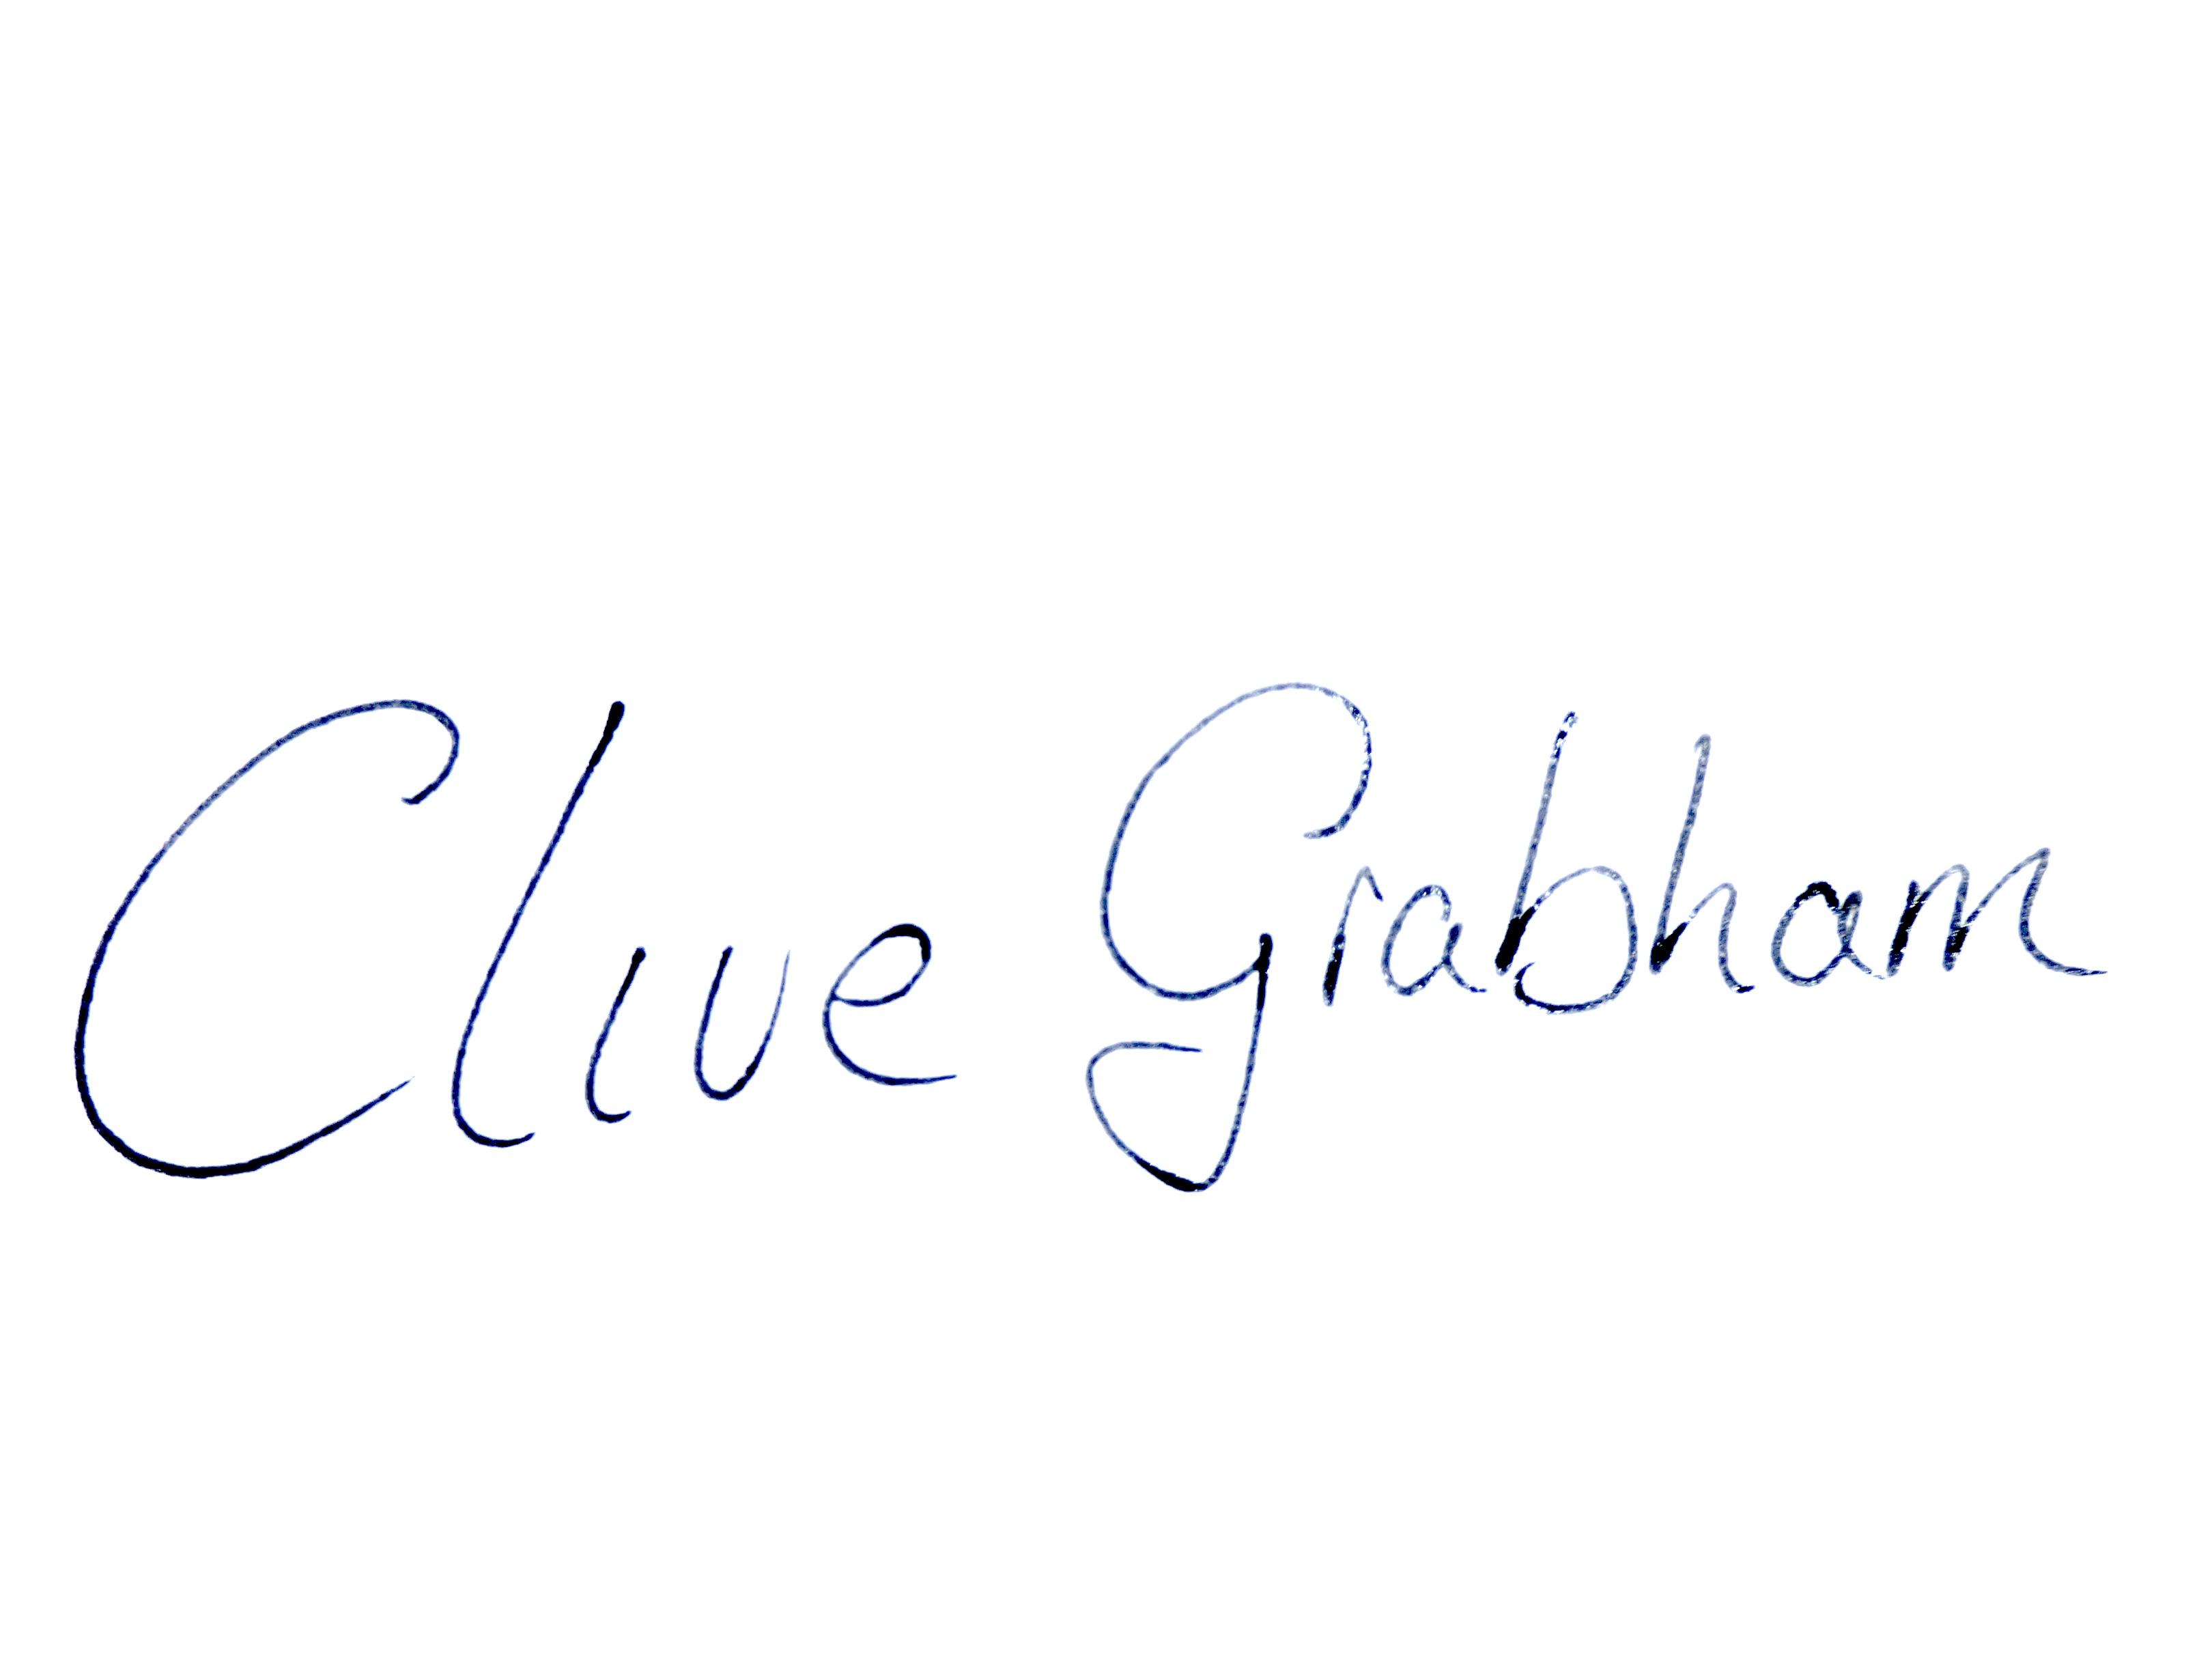 clive grabham Signature